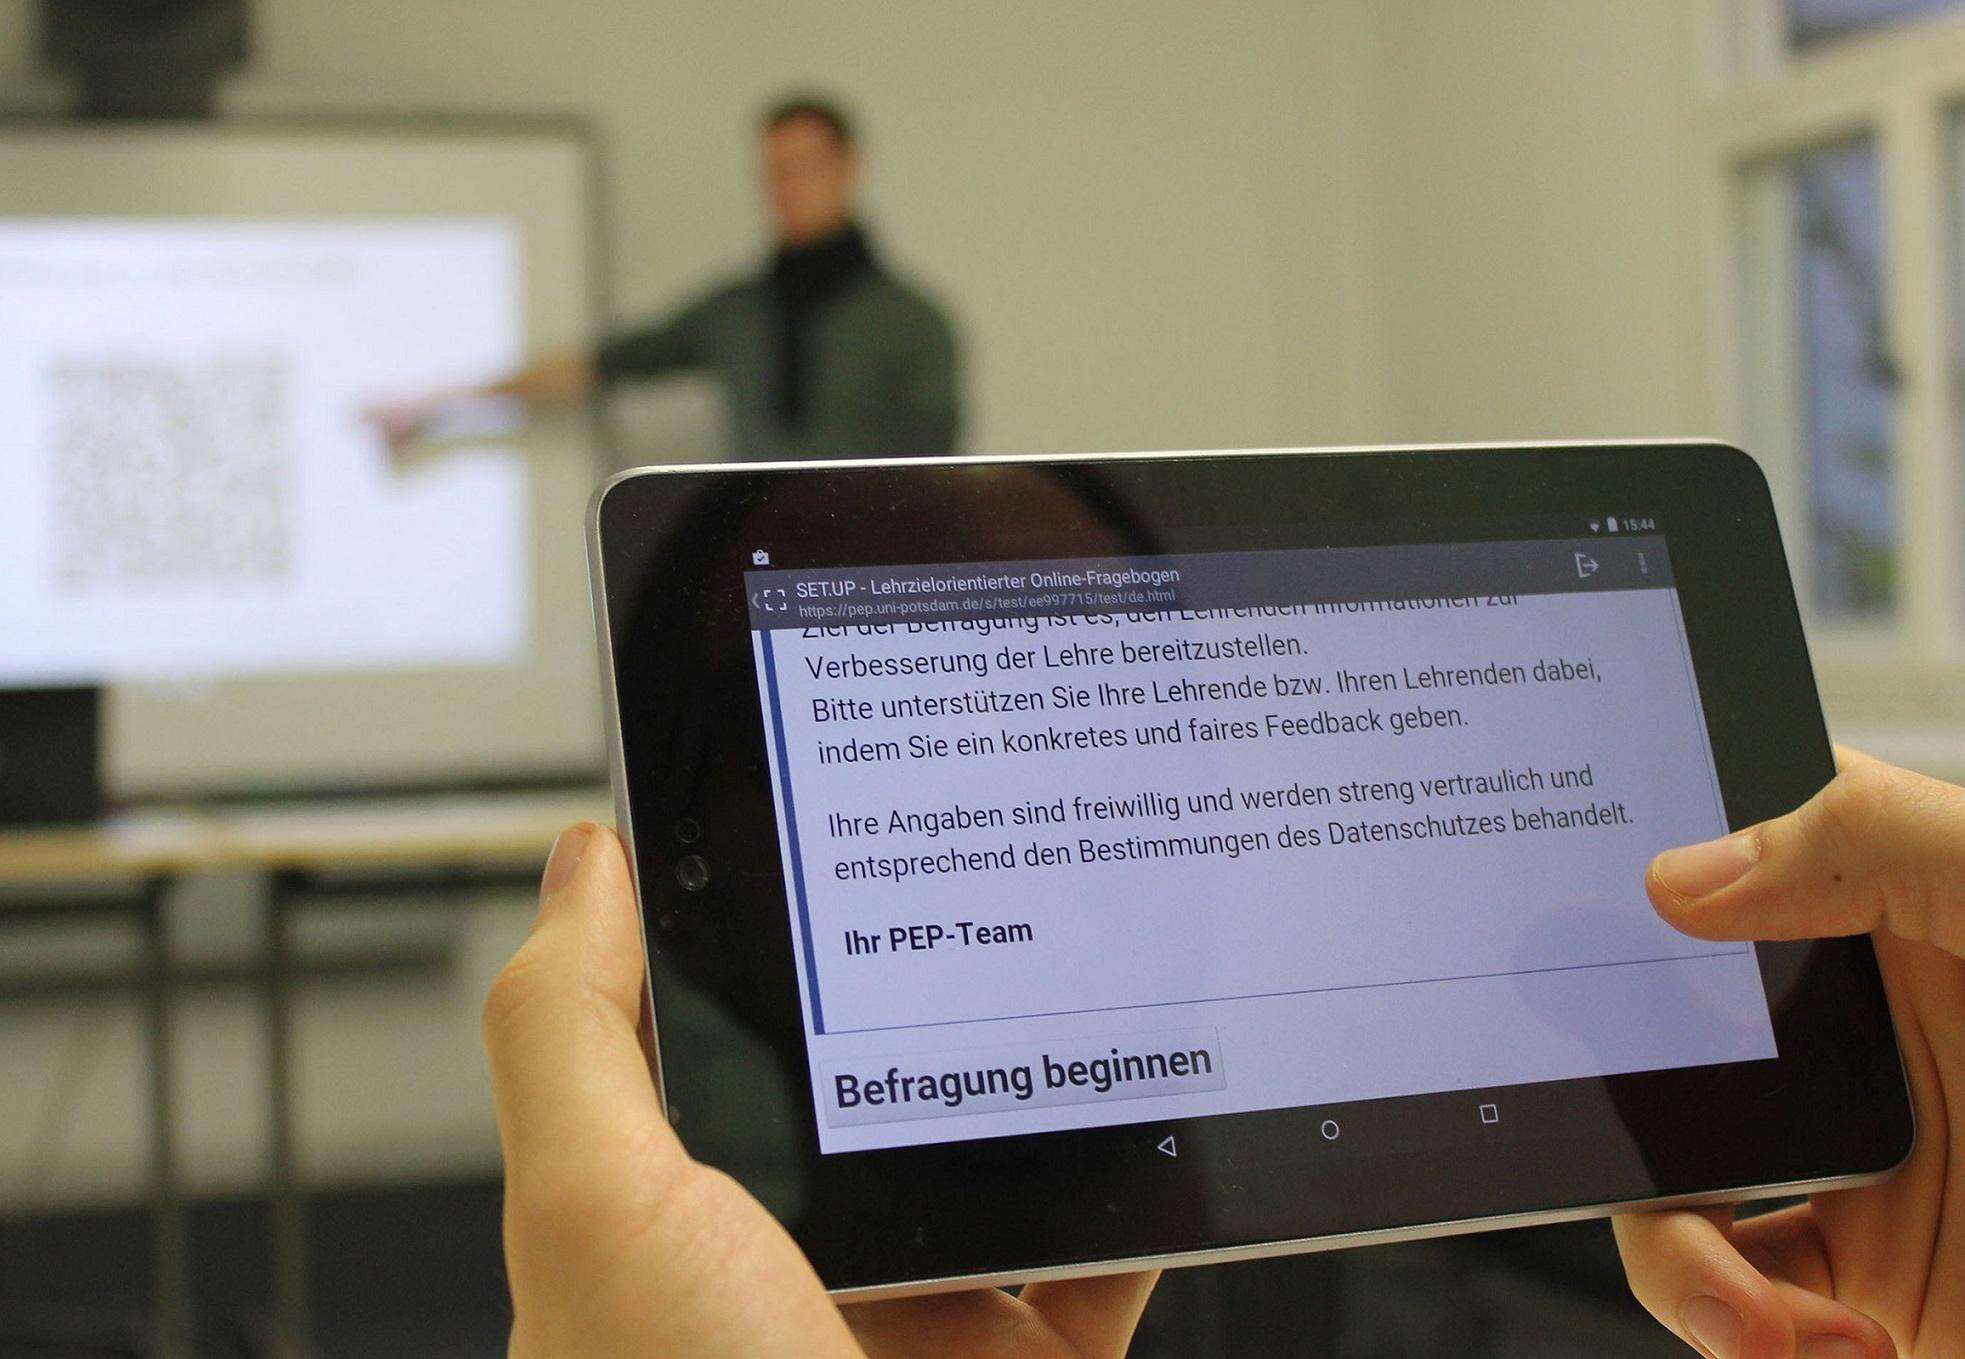 Tablet mit Startseite der Befragung, im Hintergrund steht ein Lehrender am Whiteboard und zeigt auf den QR-Code